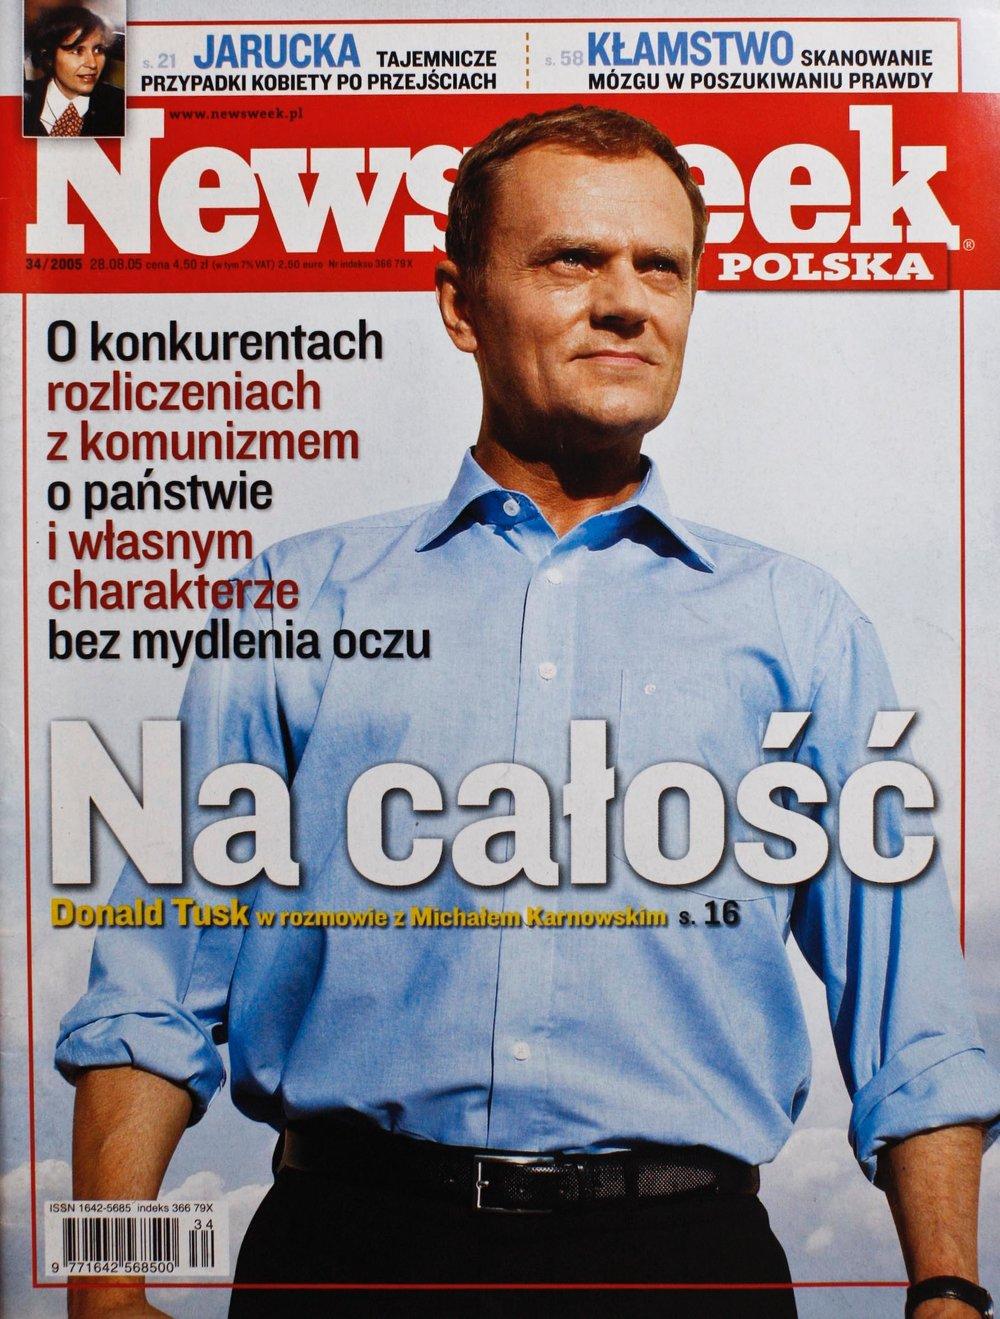 NEWSWEEK 34/2005